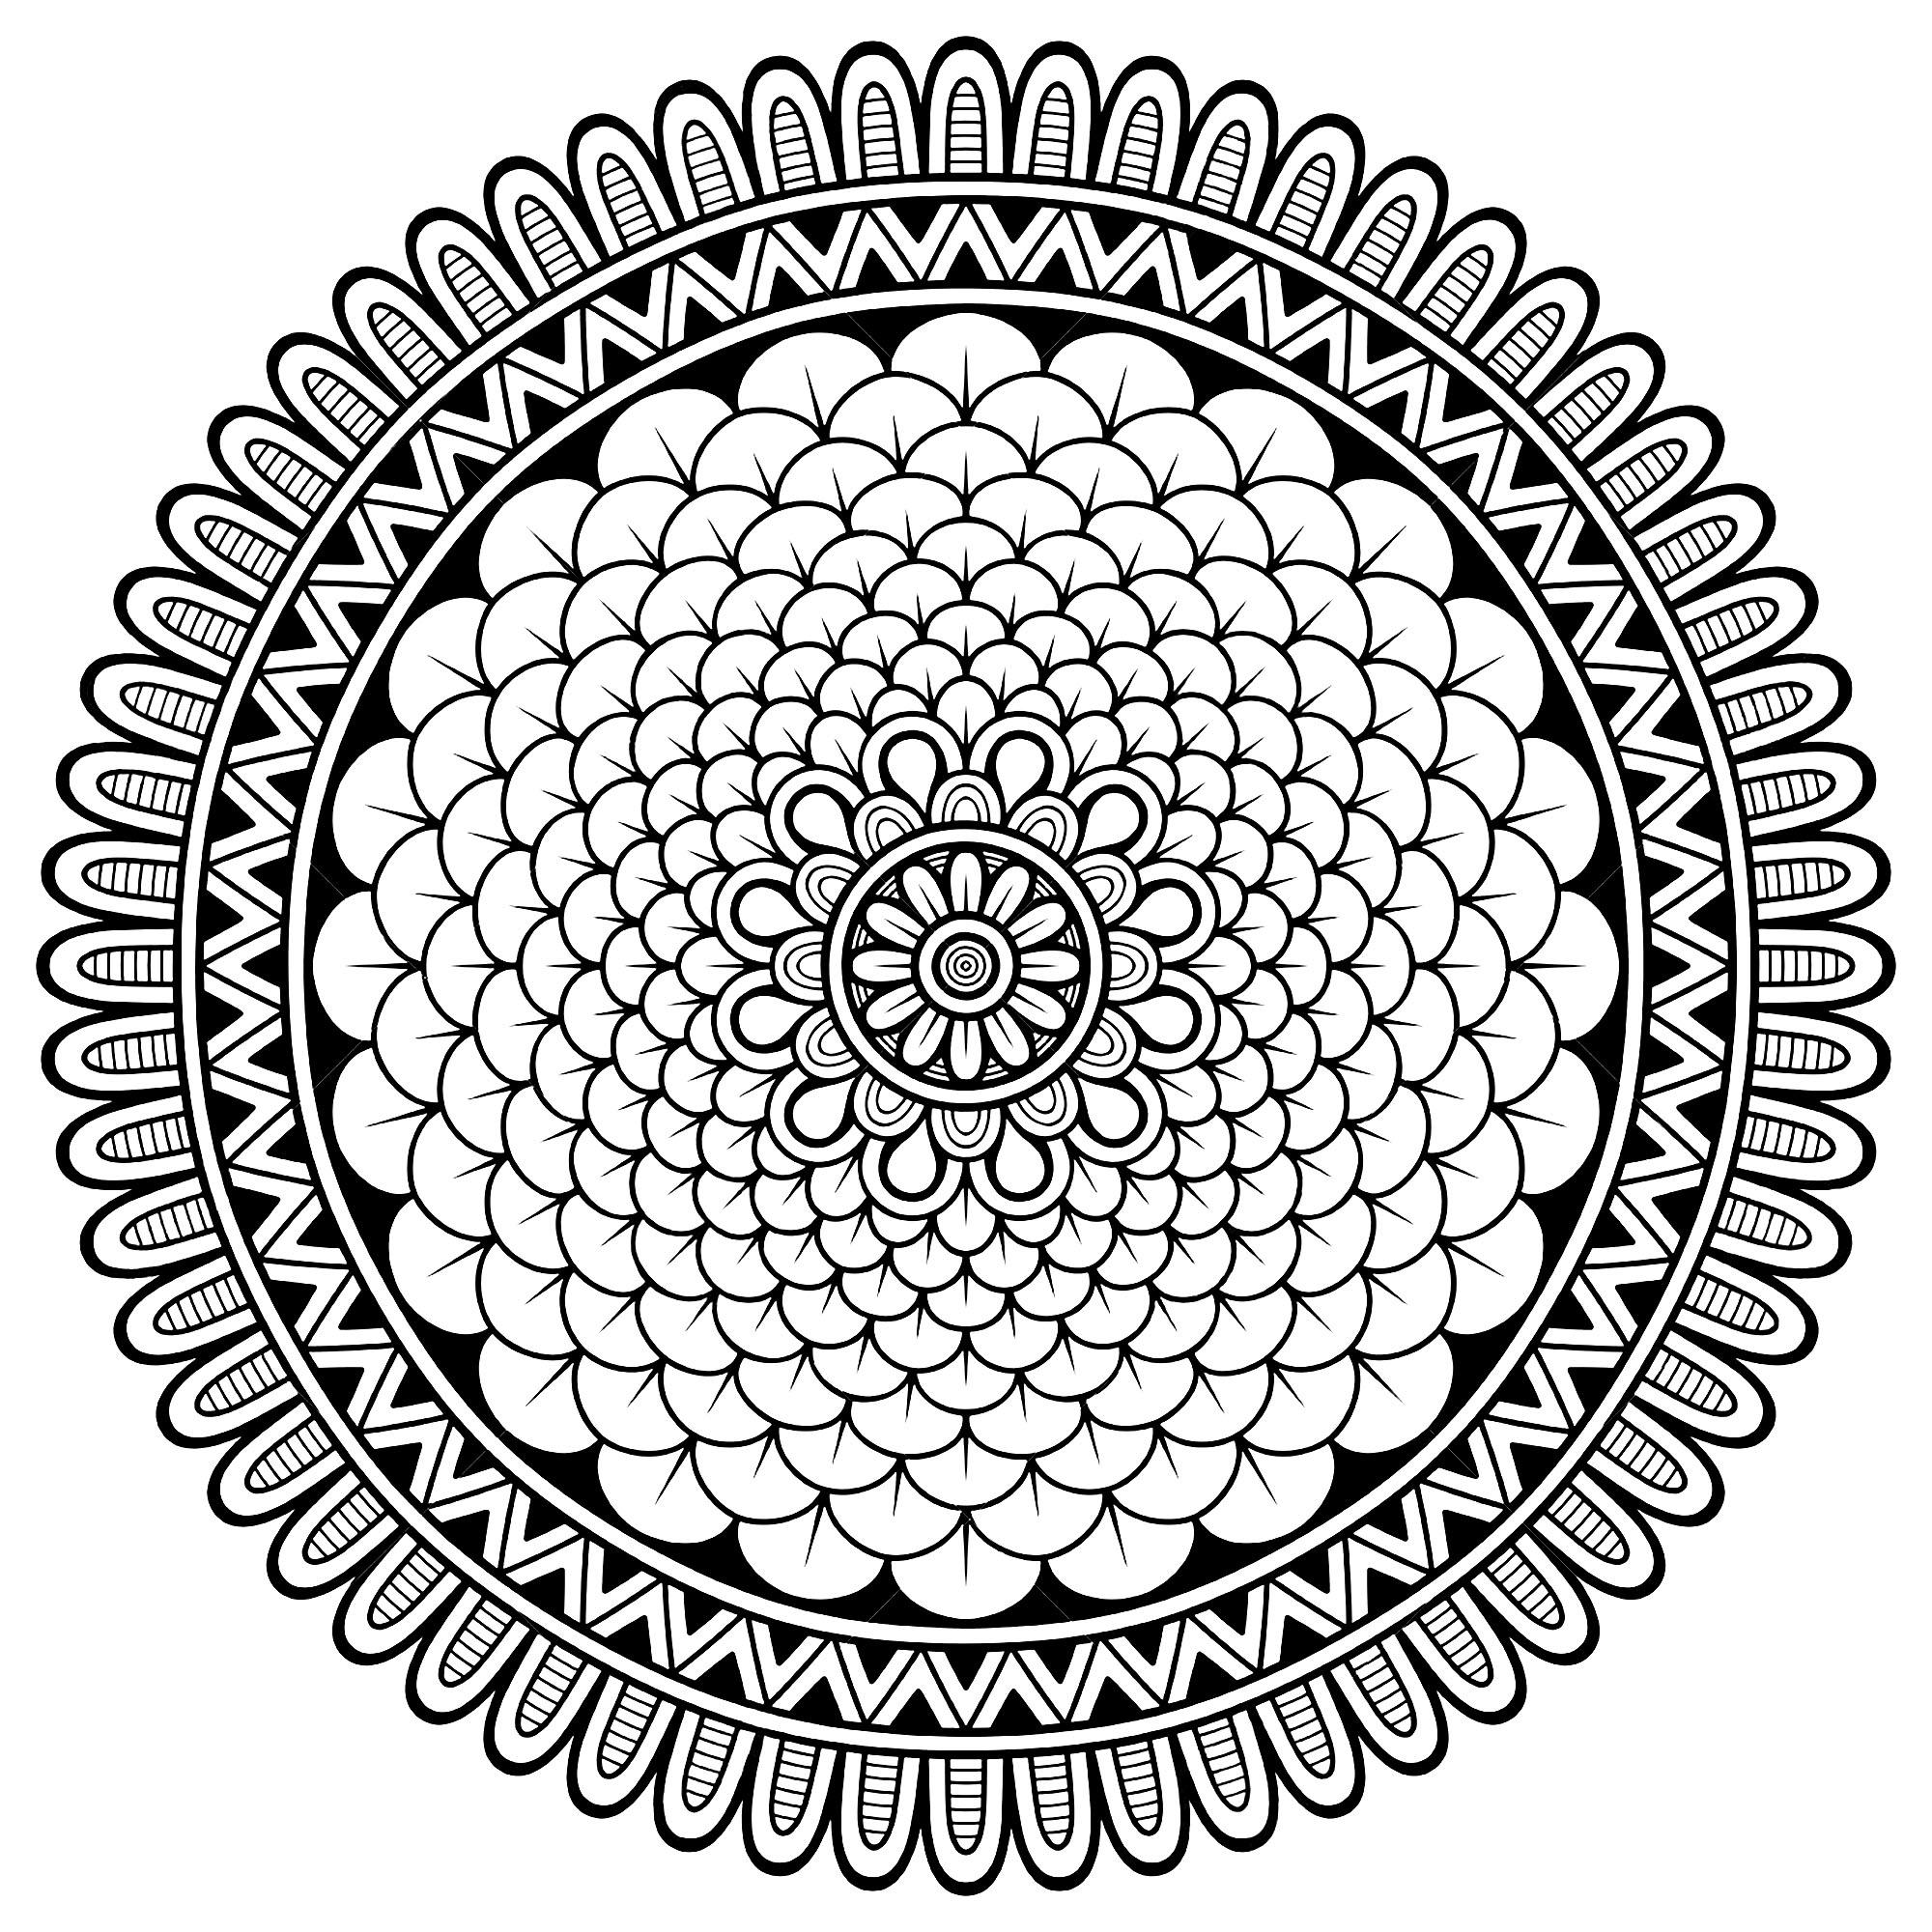 Mandala avec plein de petits pétales